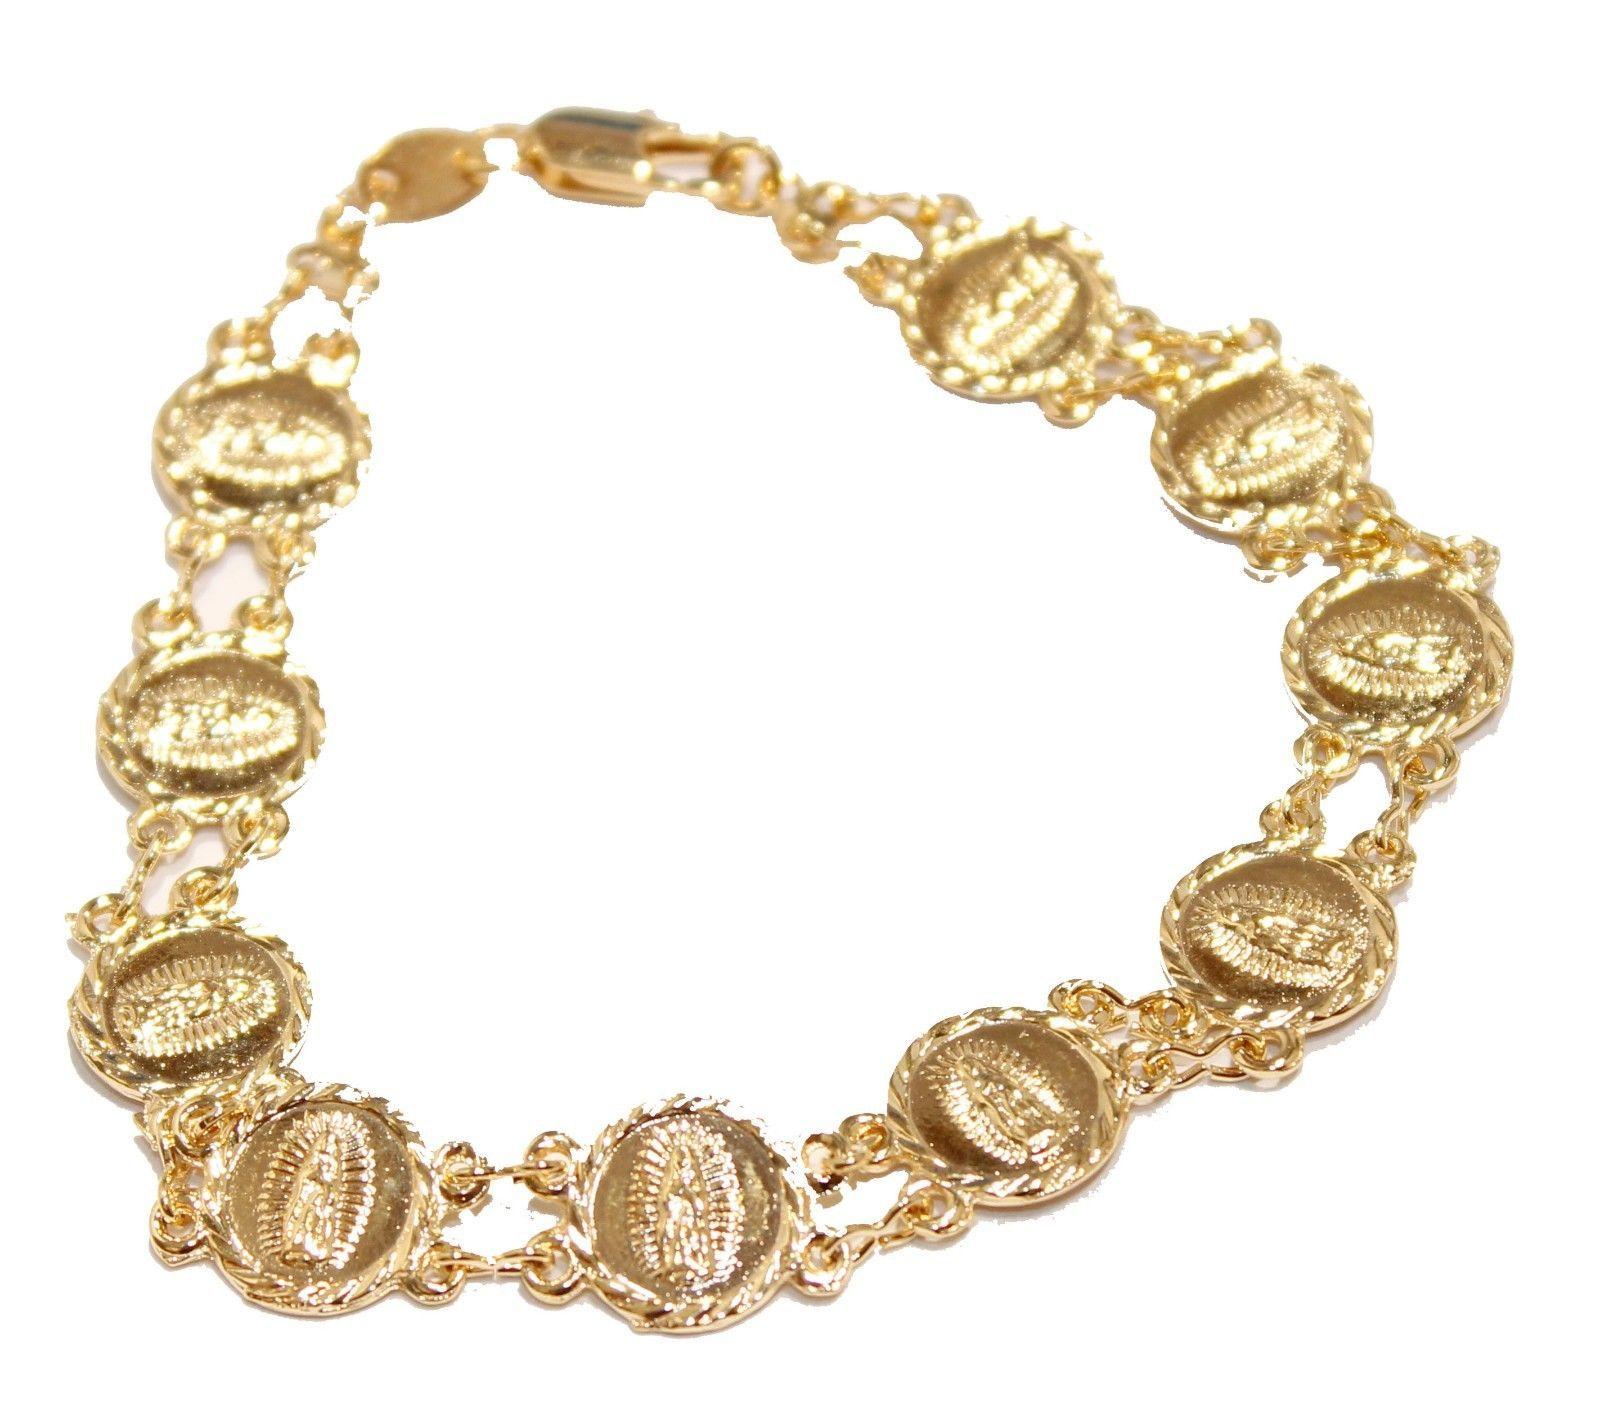 Virgen de guadalupe medal bracelet k gold plated bracelet inch